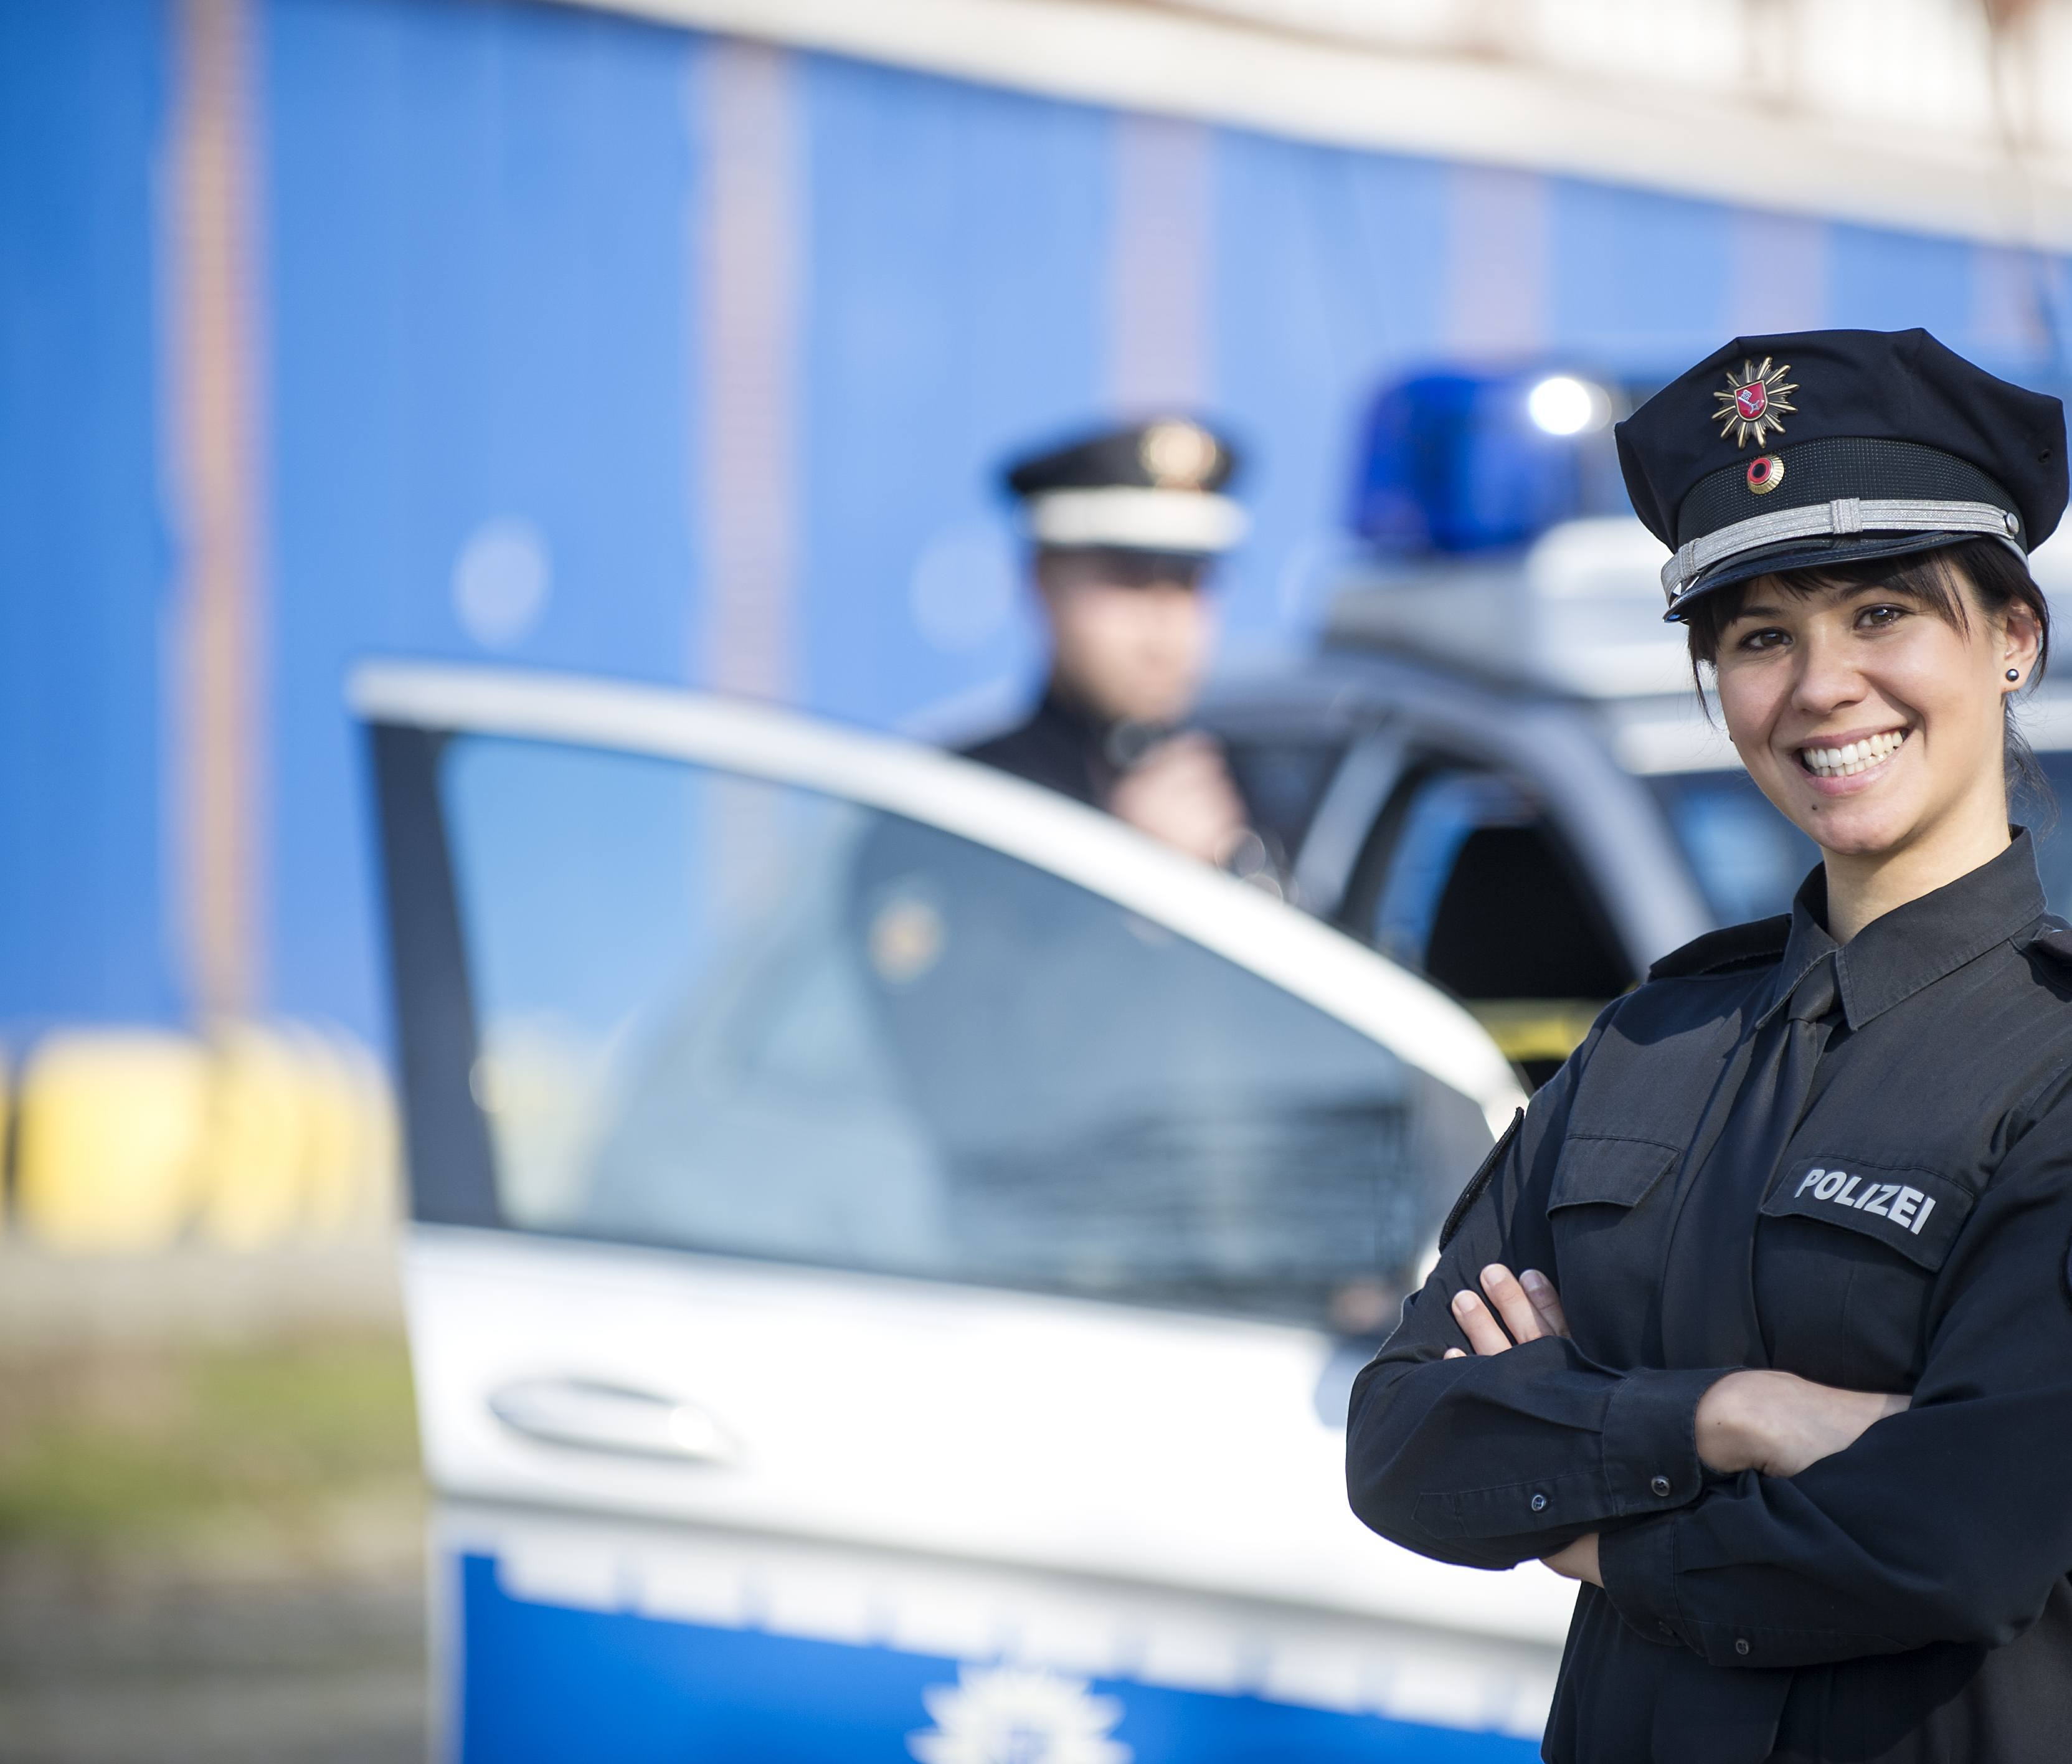 zurck navigation navigation - Polizei Bremen Bewerbung